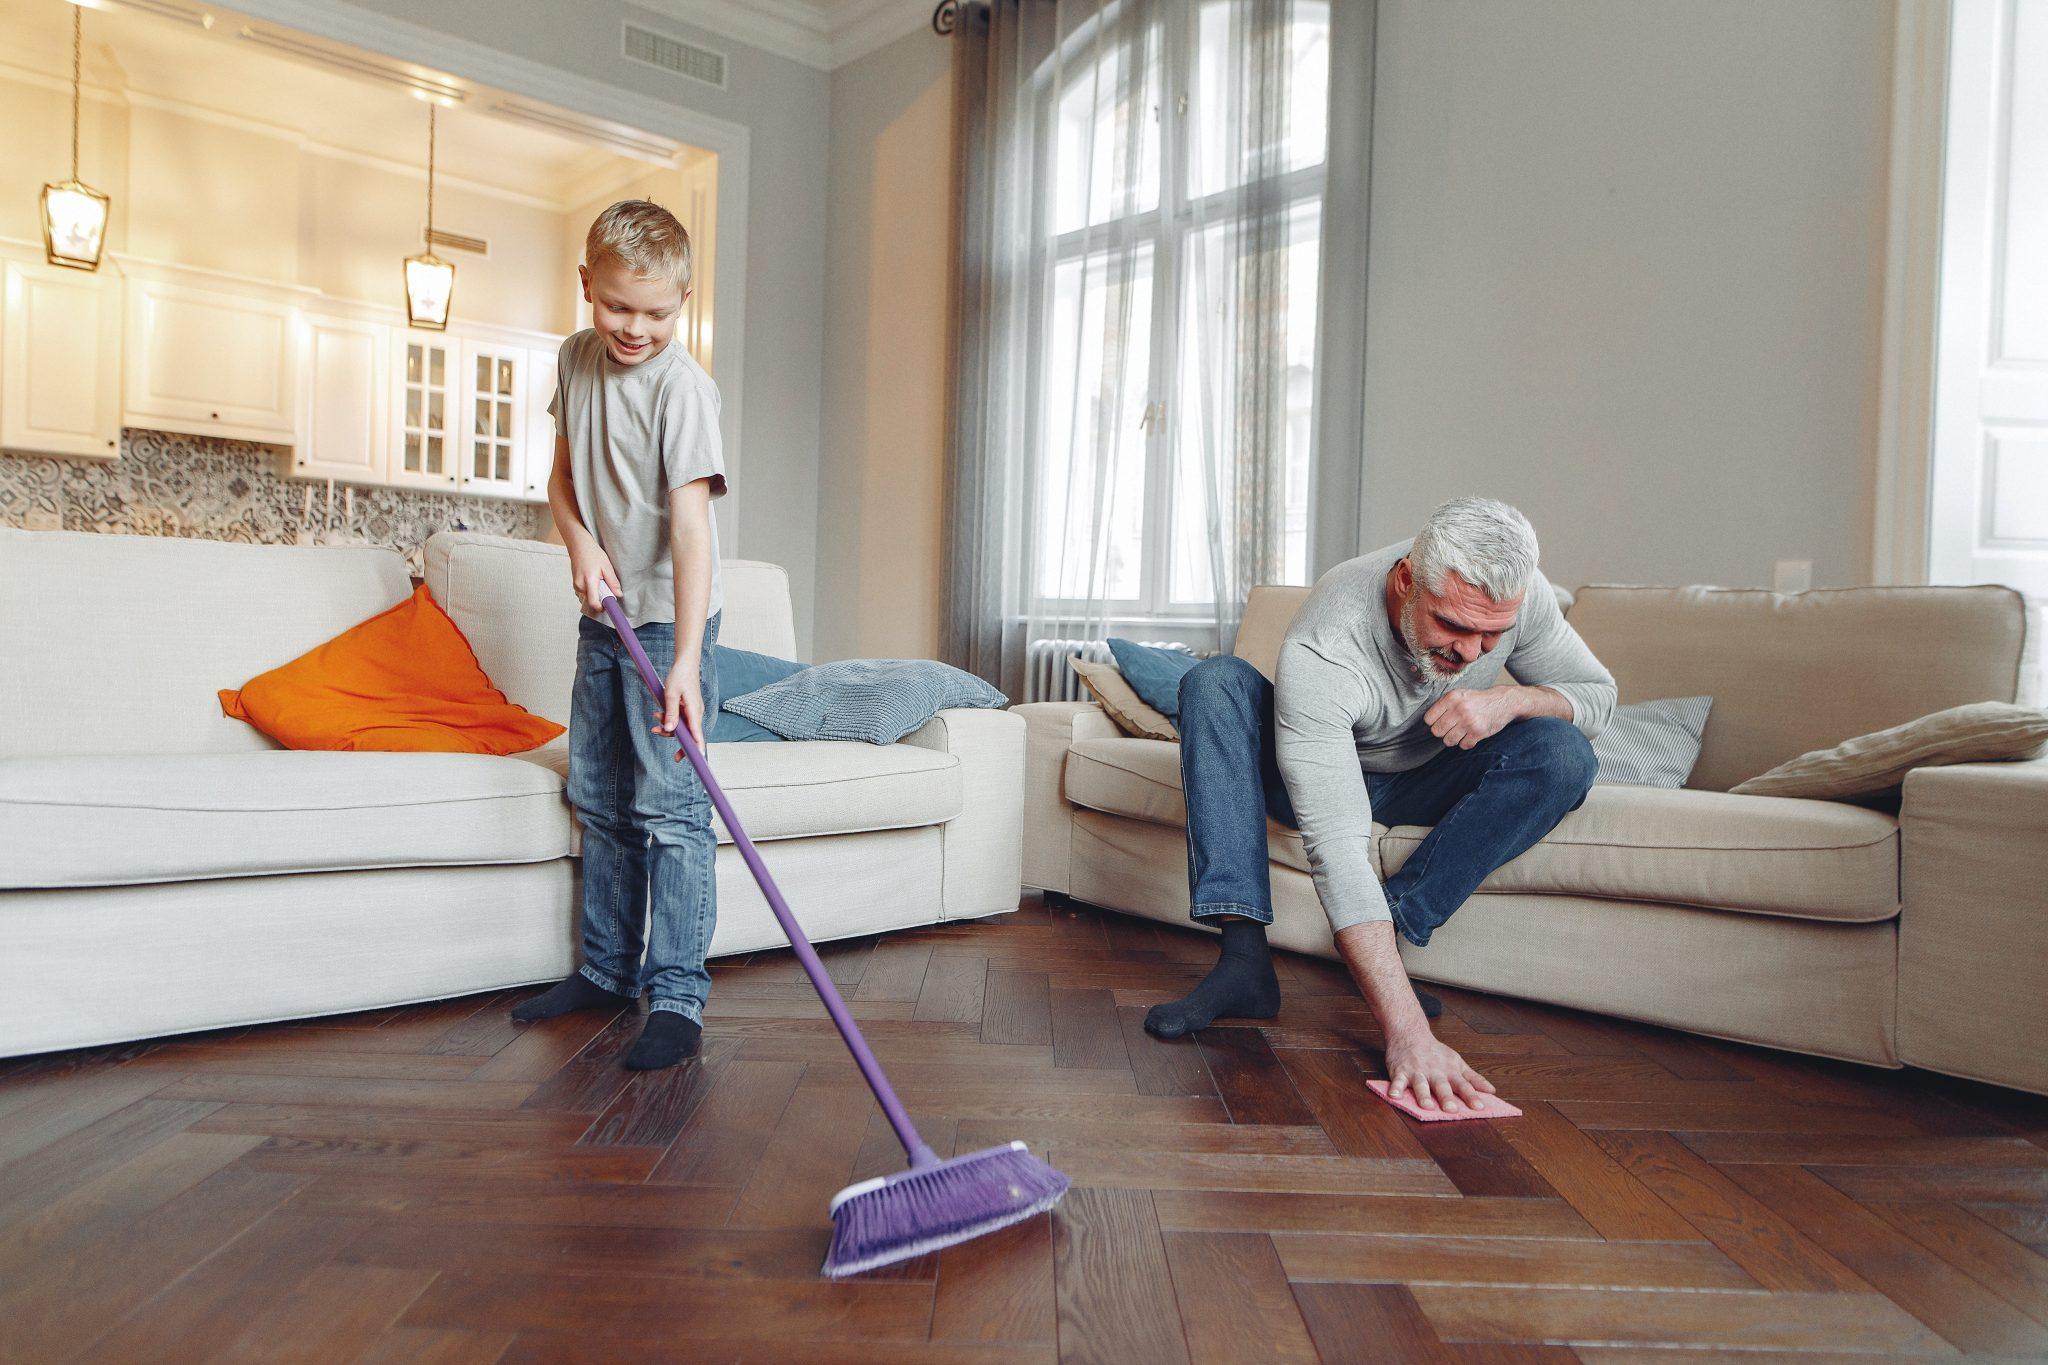 Giochi Di Pulire La Casa prodotti per eliminare la polvere, ecco i migliori - guida